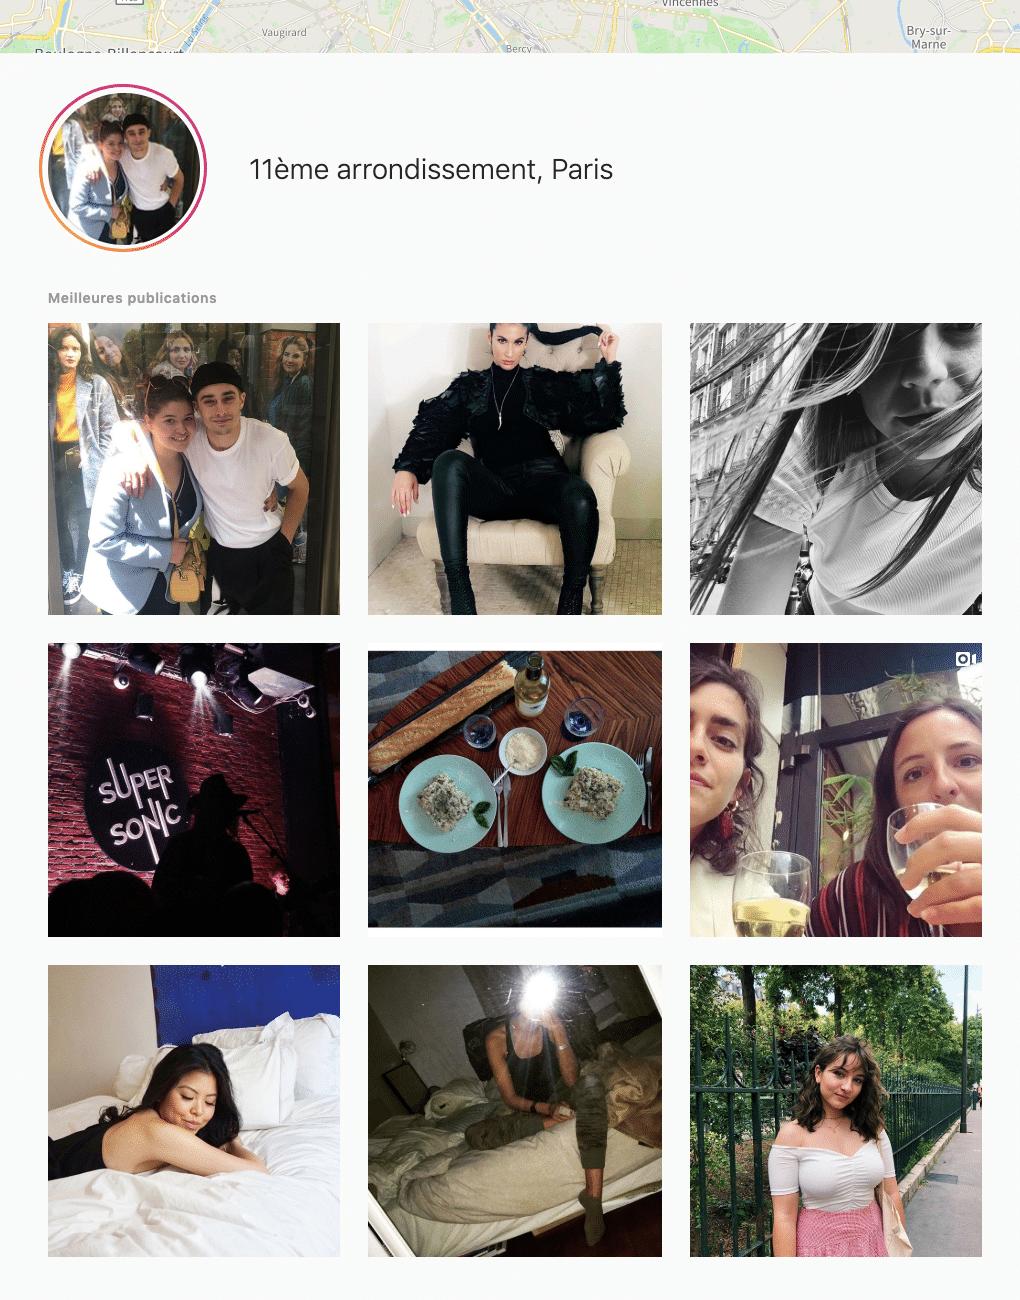 recherche lieu instagram